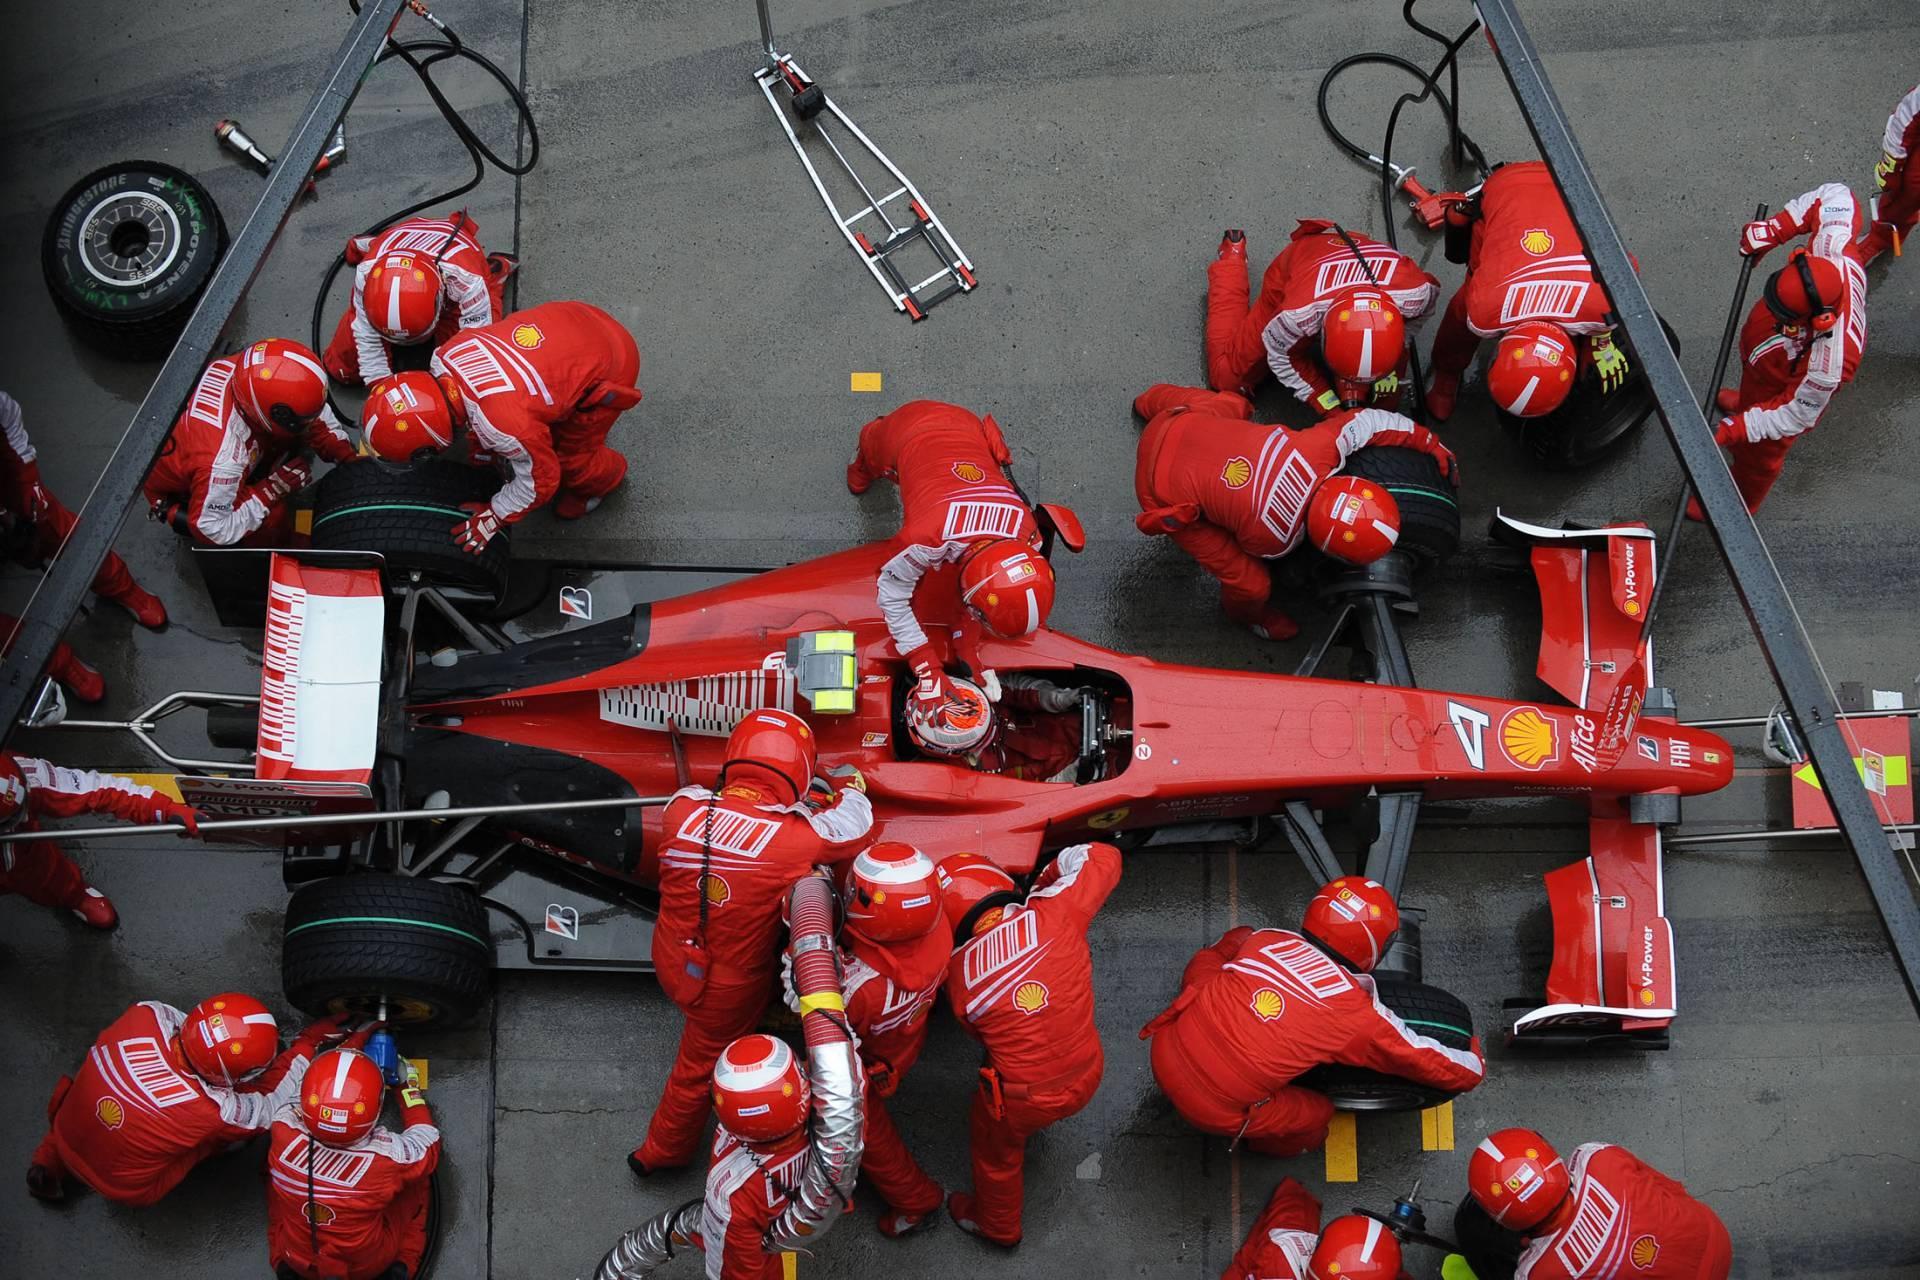 F1 Monaco by Stelitt